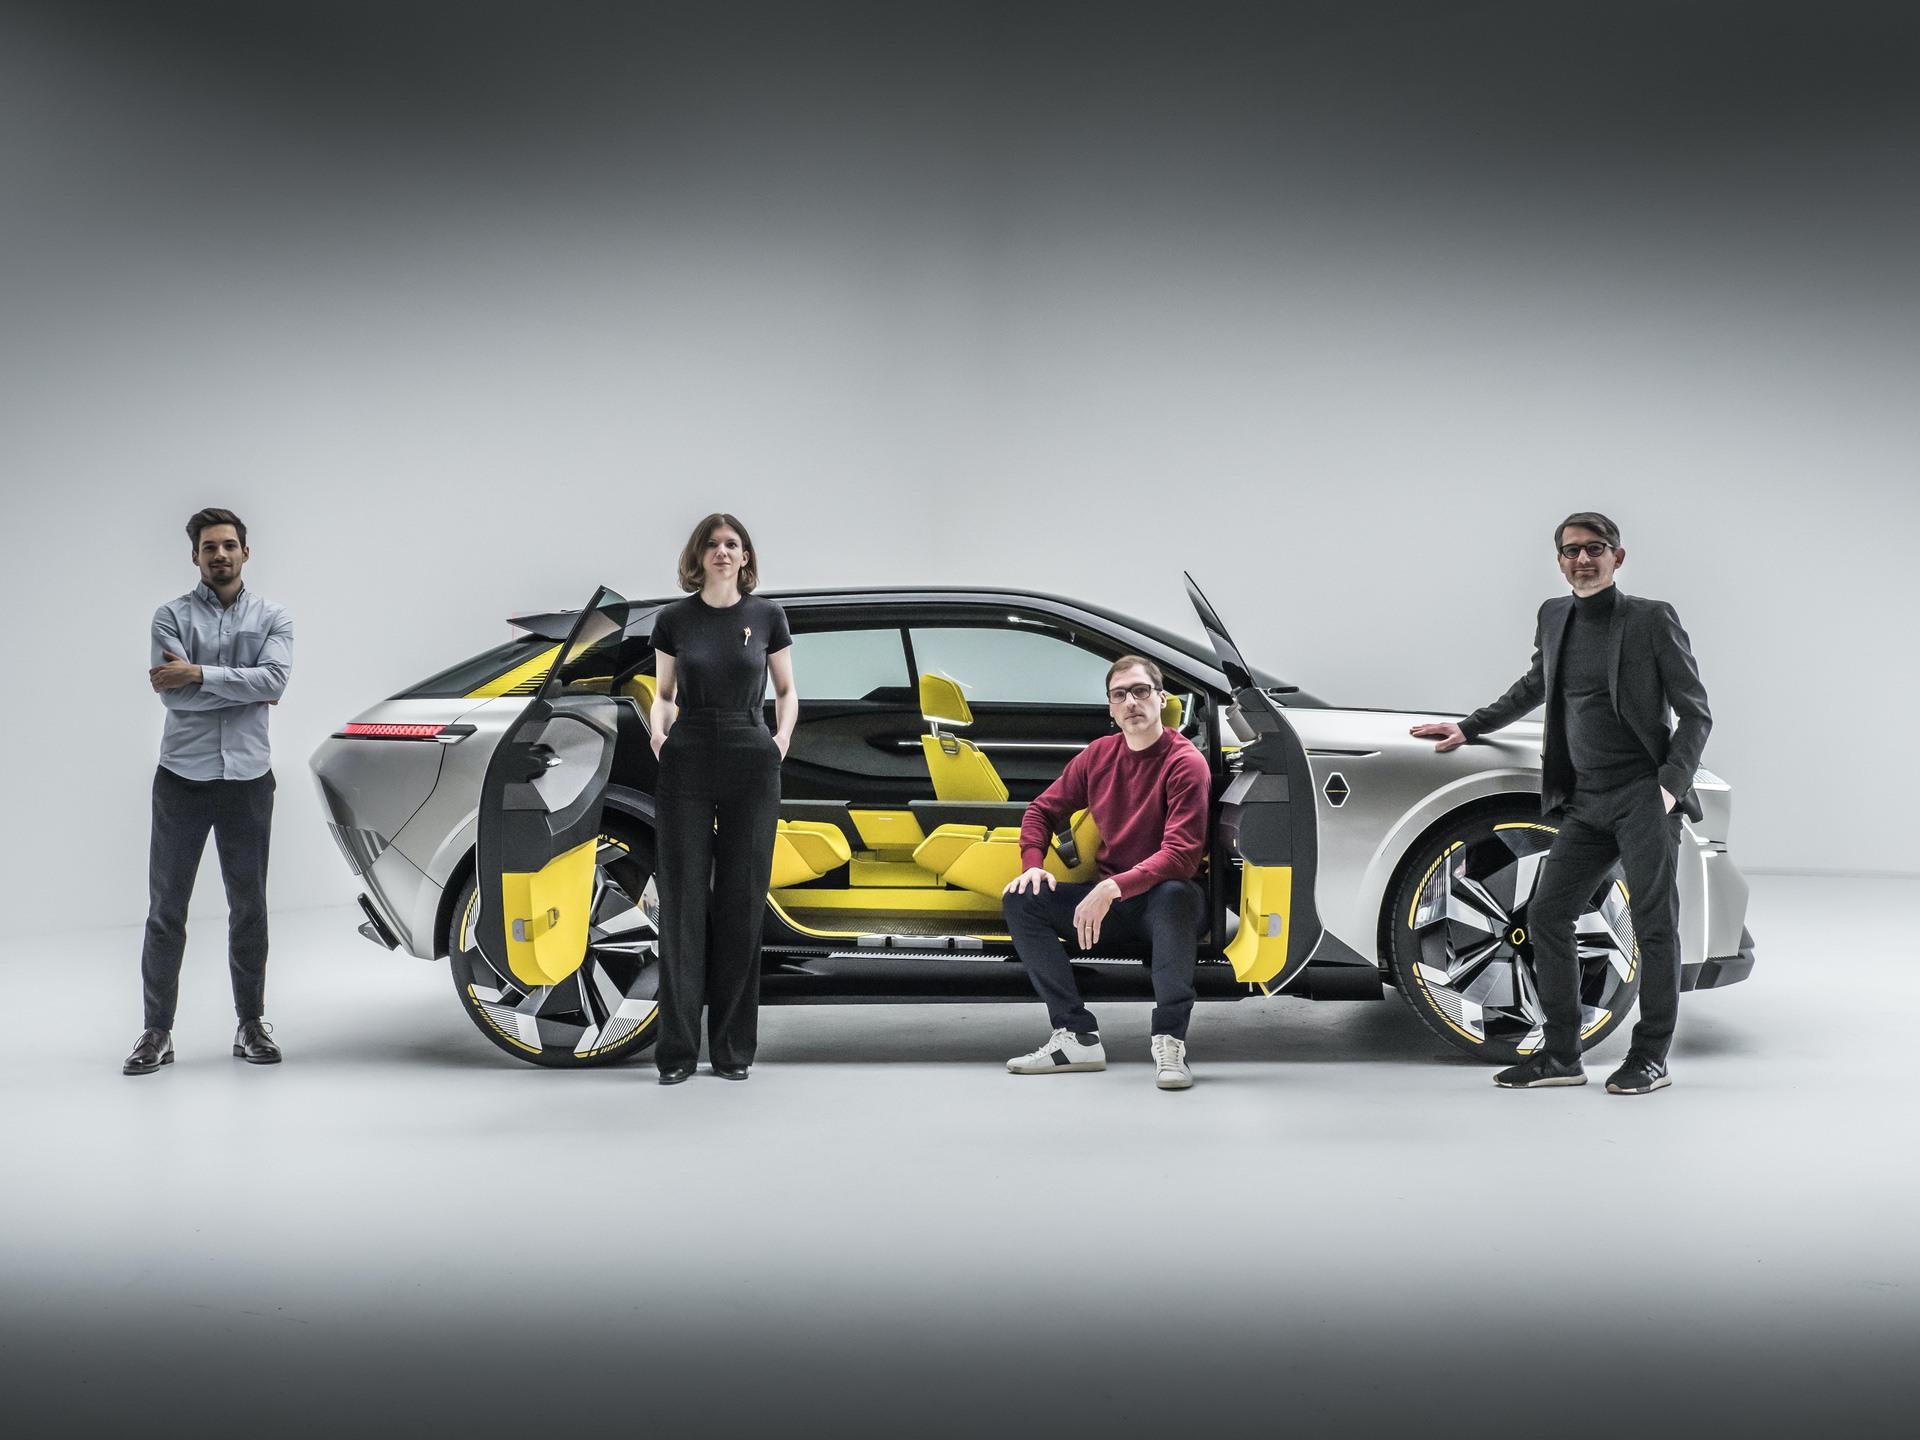 Renault_Morphoz_concept_0156